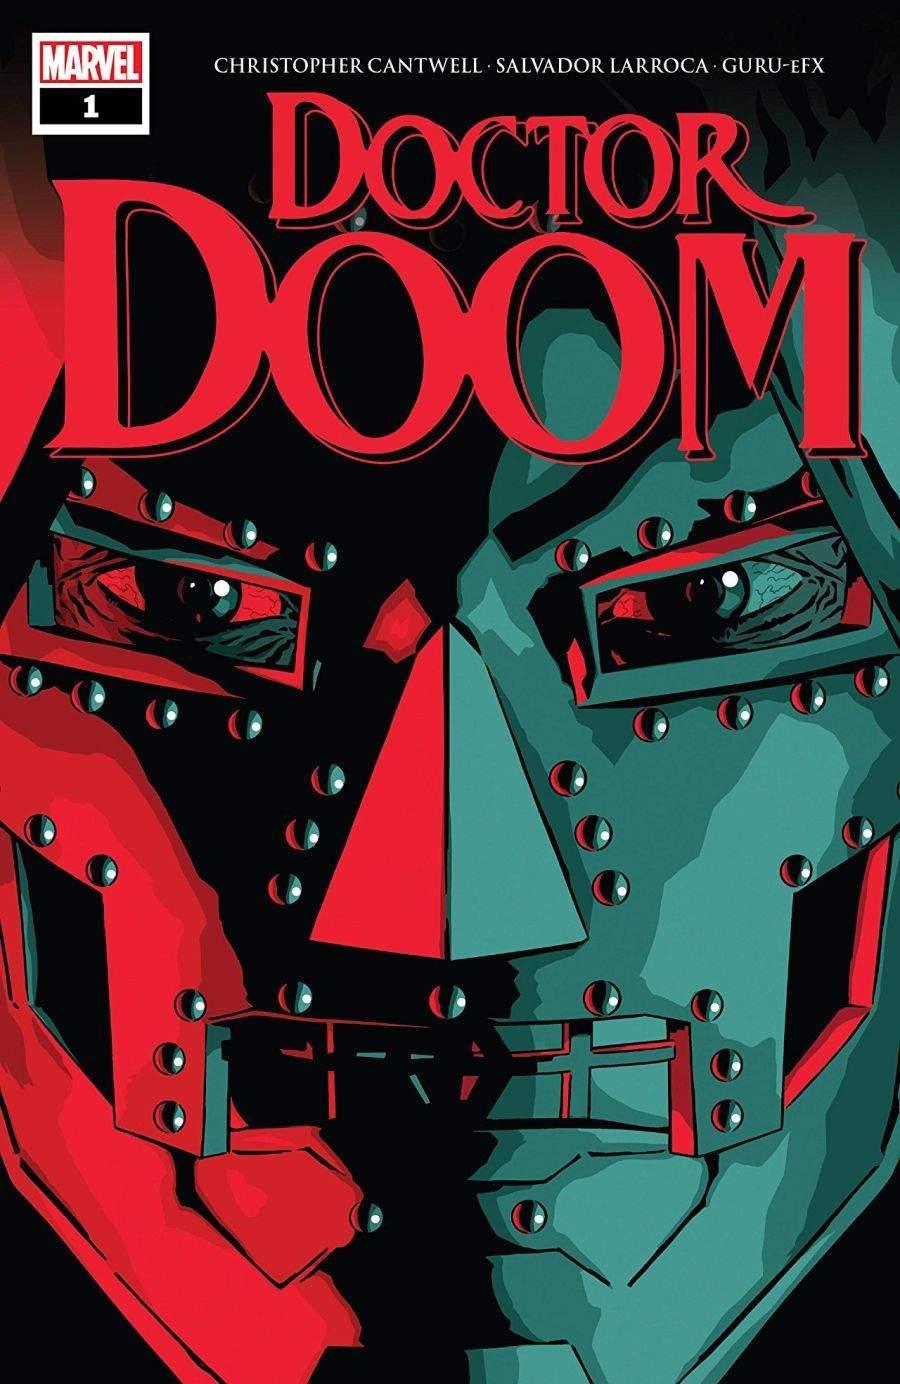 Doctor Doom #1